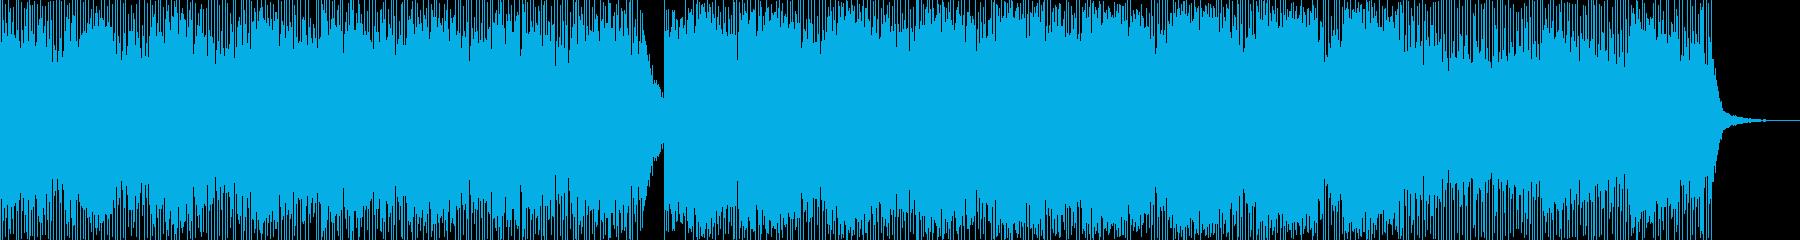 こだまするピアノの再生済みの波形